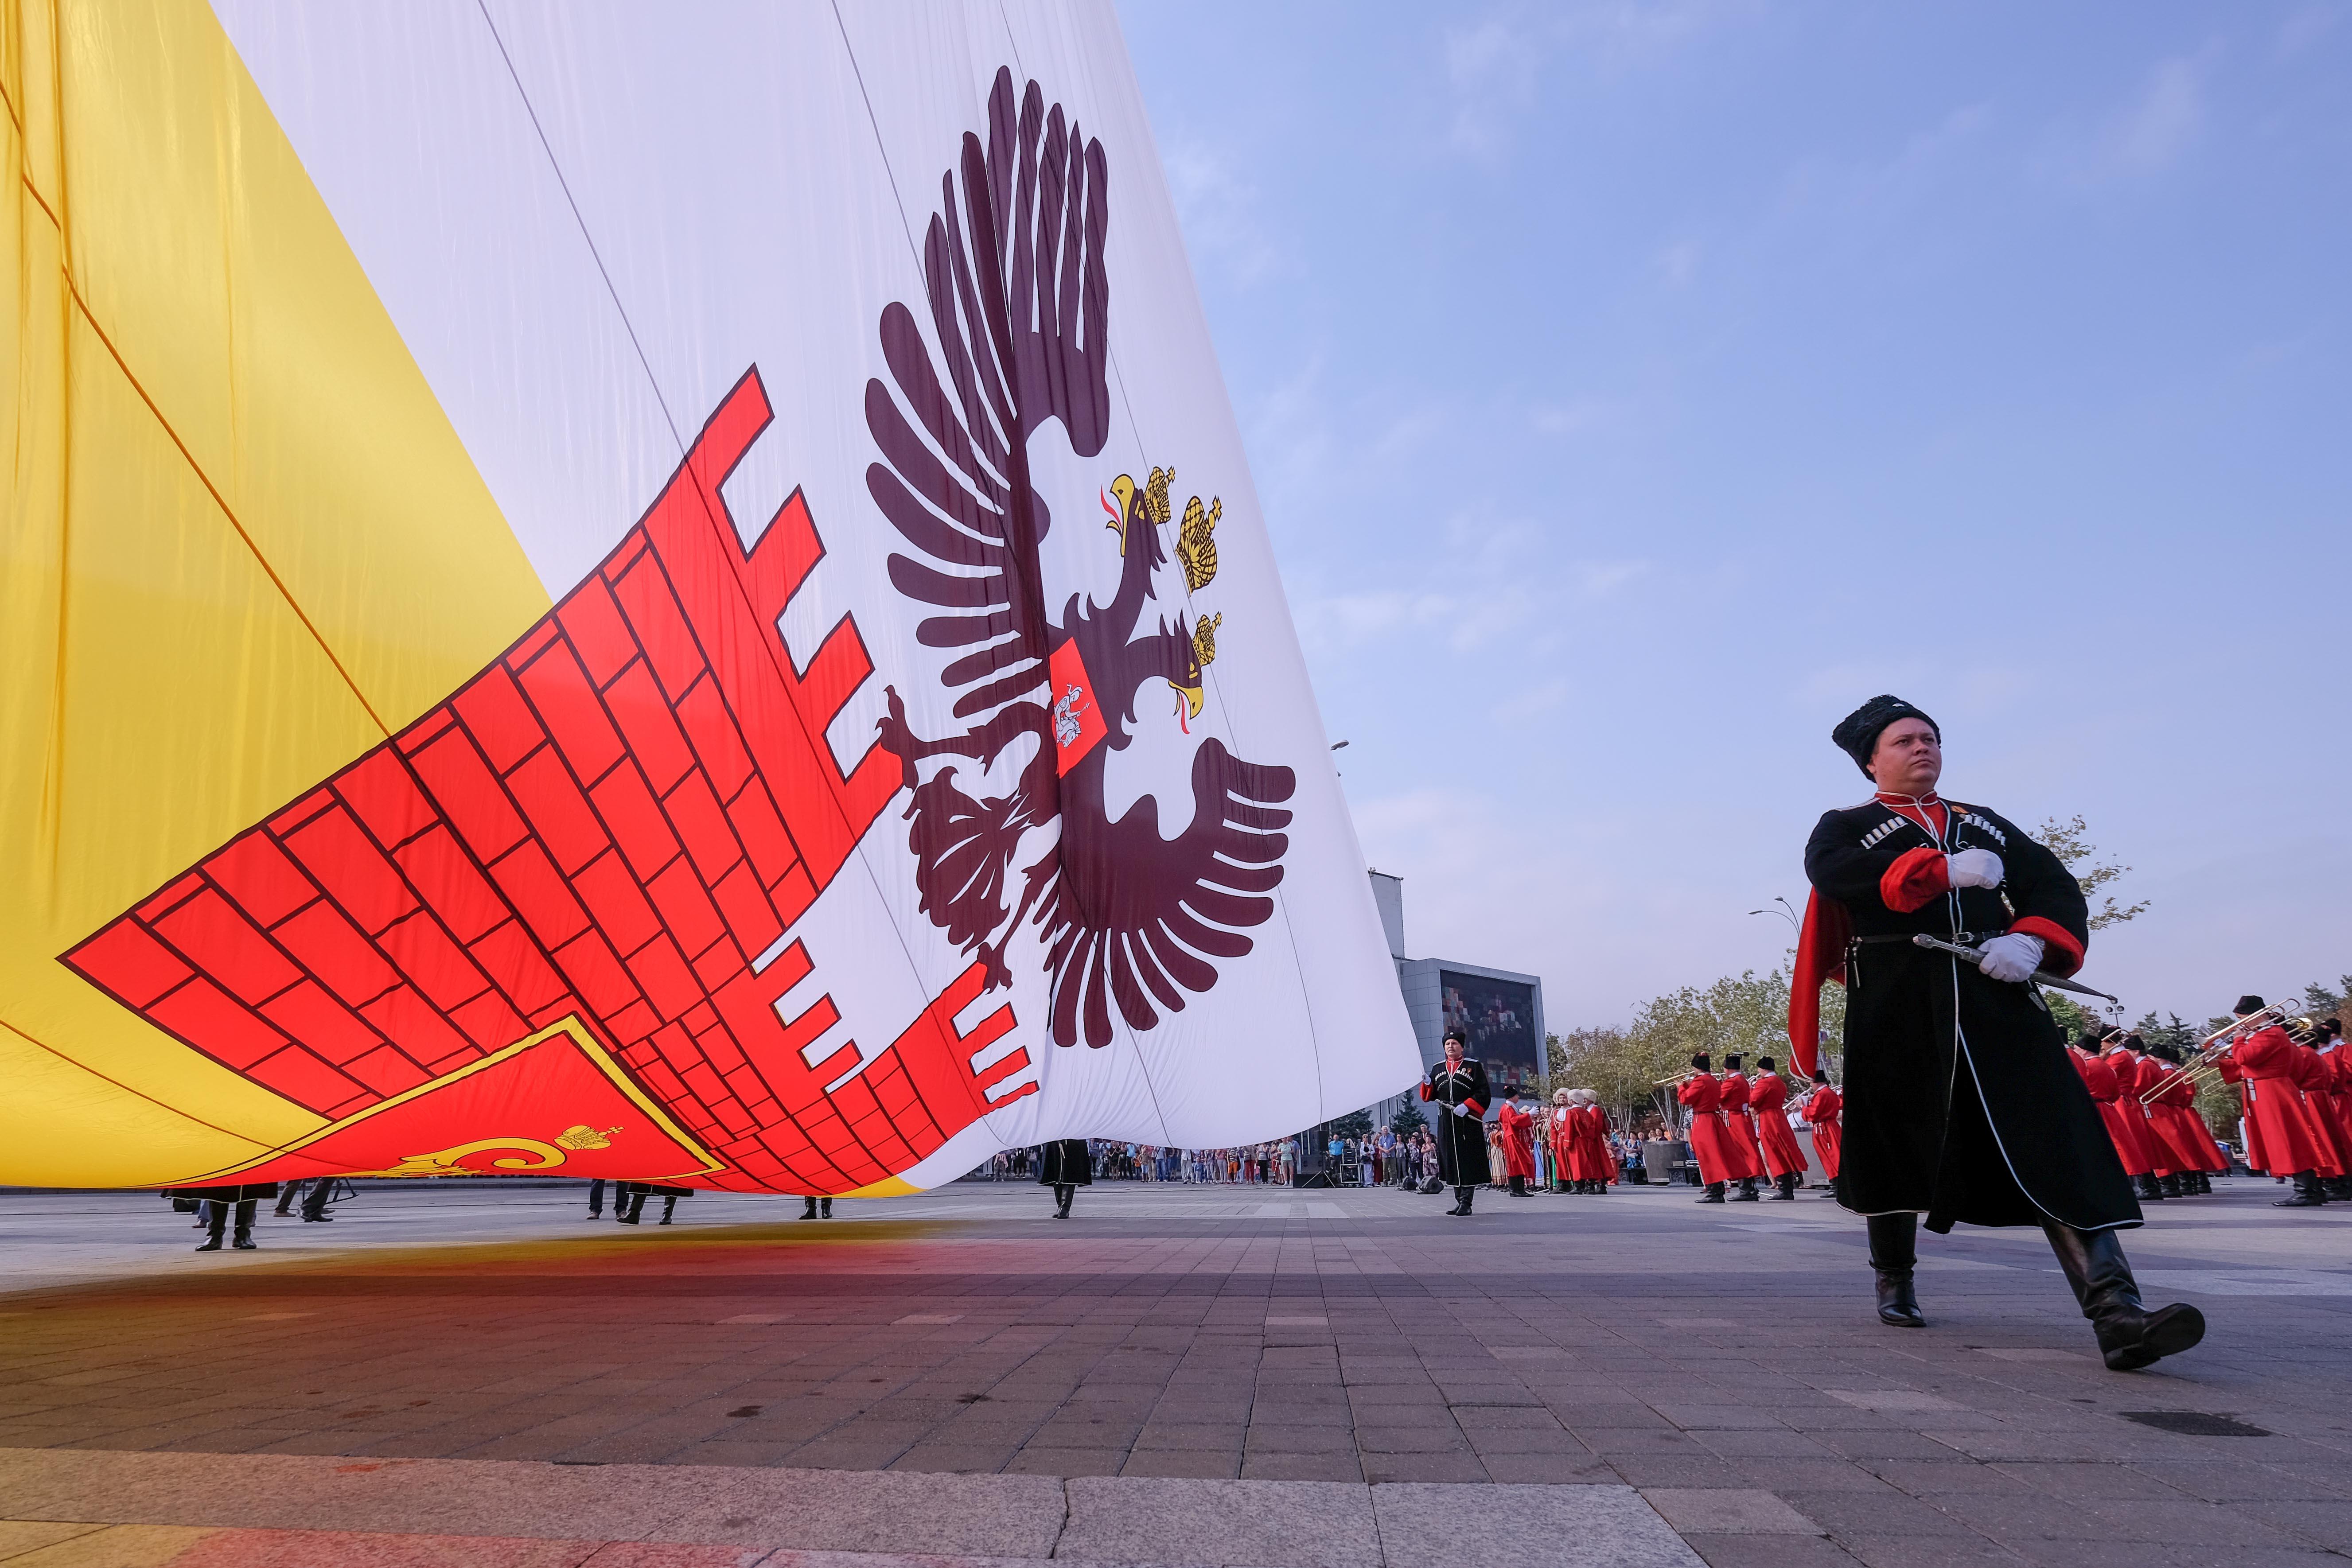 картинки к дню города краснодара газетах публиковал